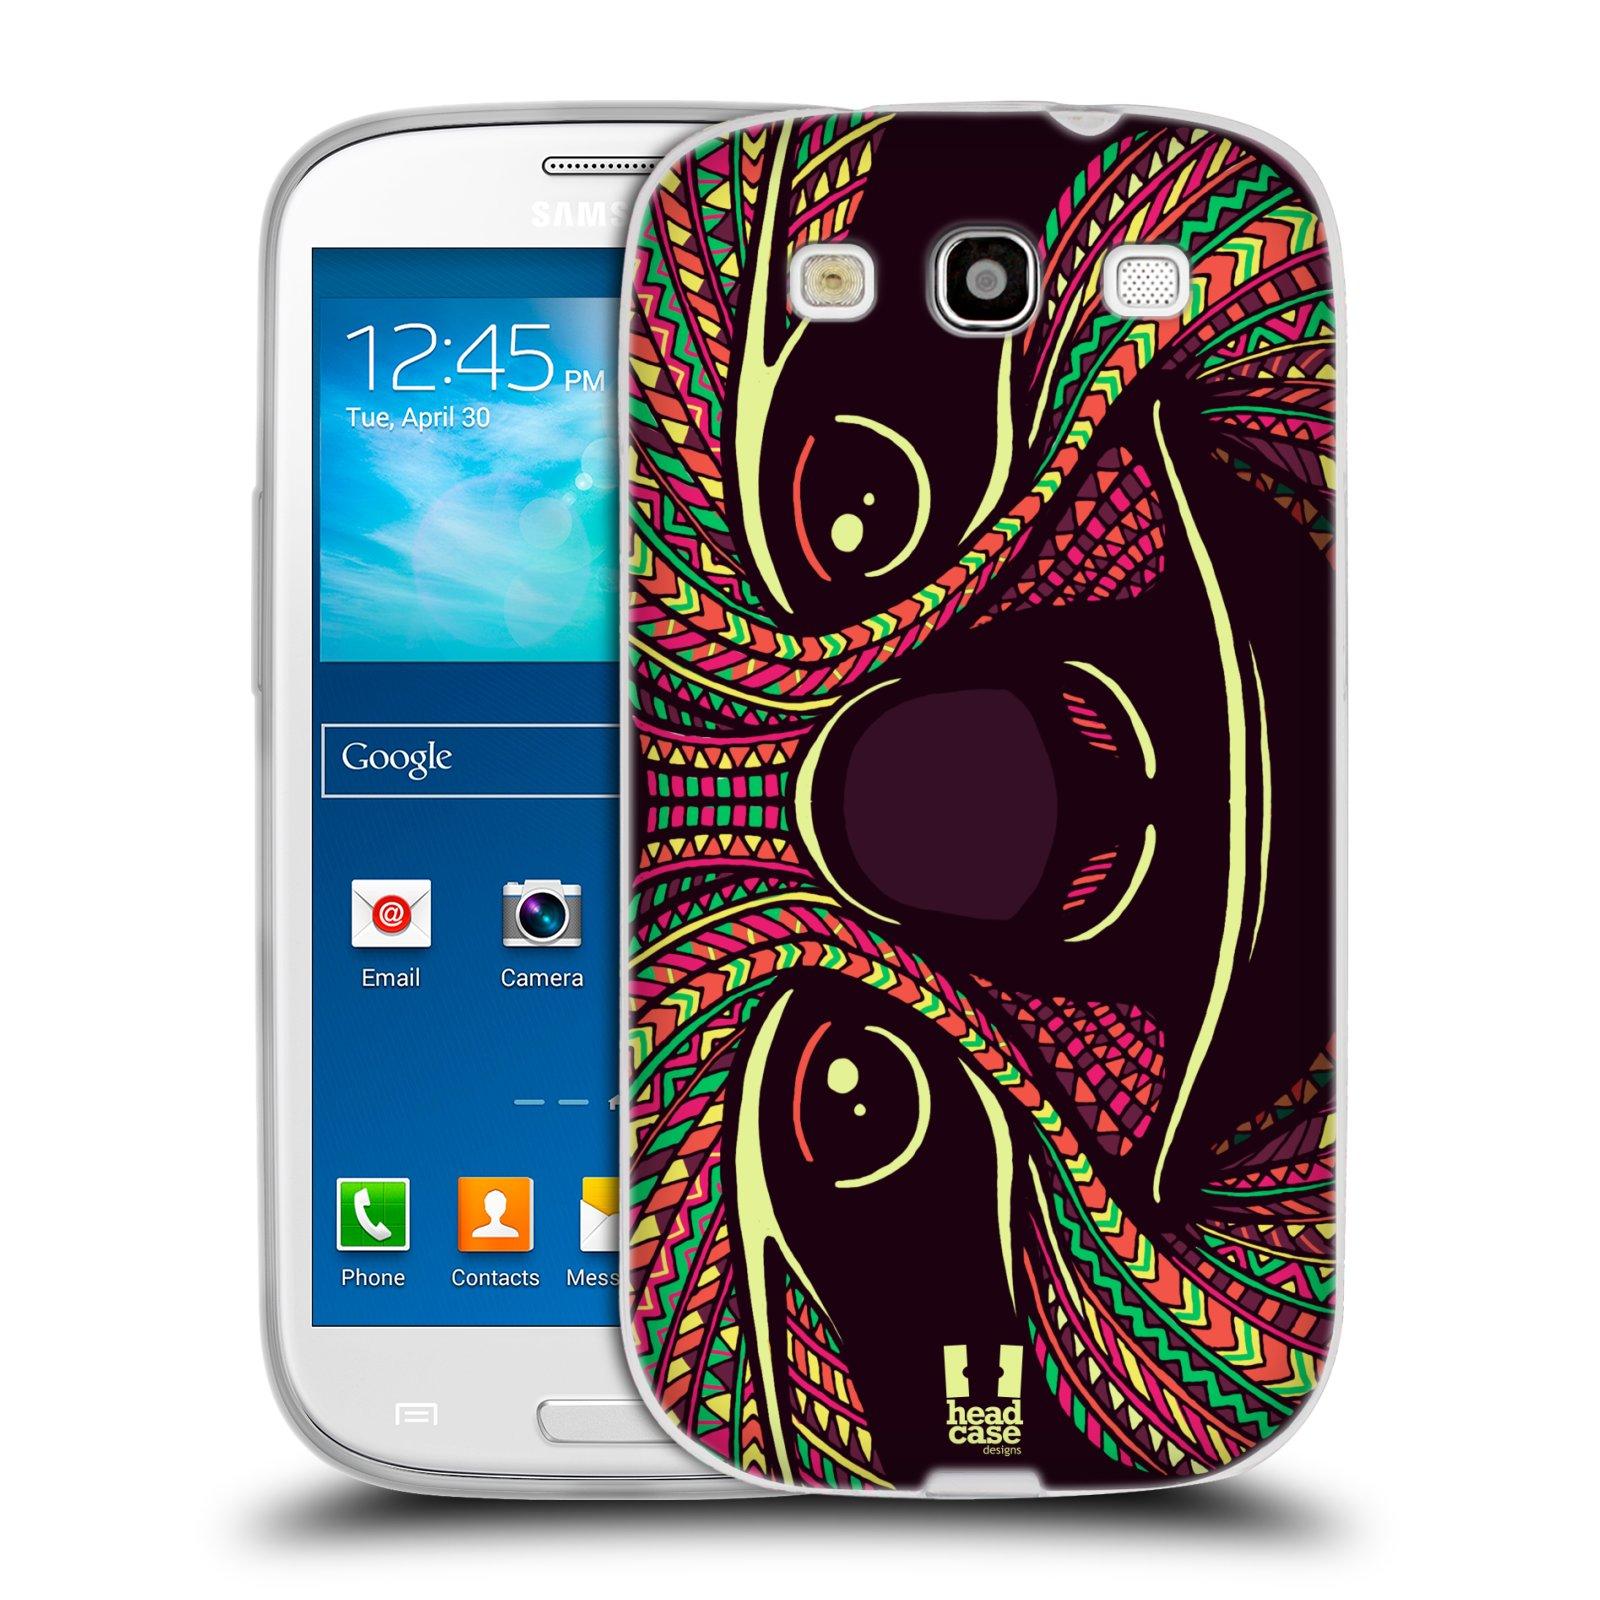 Silikonové pouzdro na mobil Samsung Galaxy S3 Neo HEAD CASE AZTEC LENOCHOD (Silikonový kryt či obal na mobilní telefon Samsung Galaxy S3 Neo GT-i9301i)